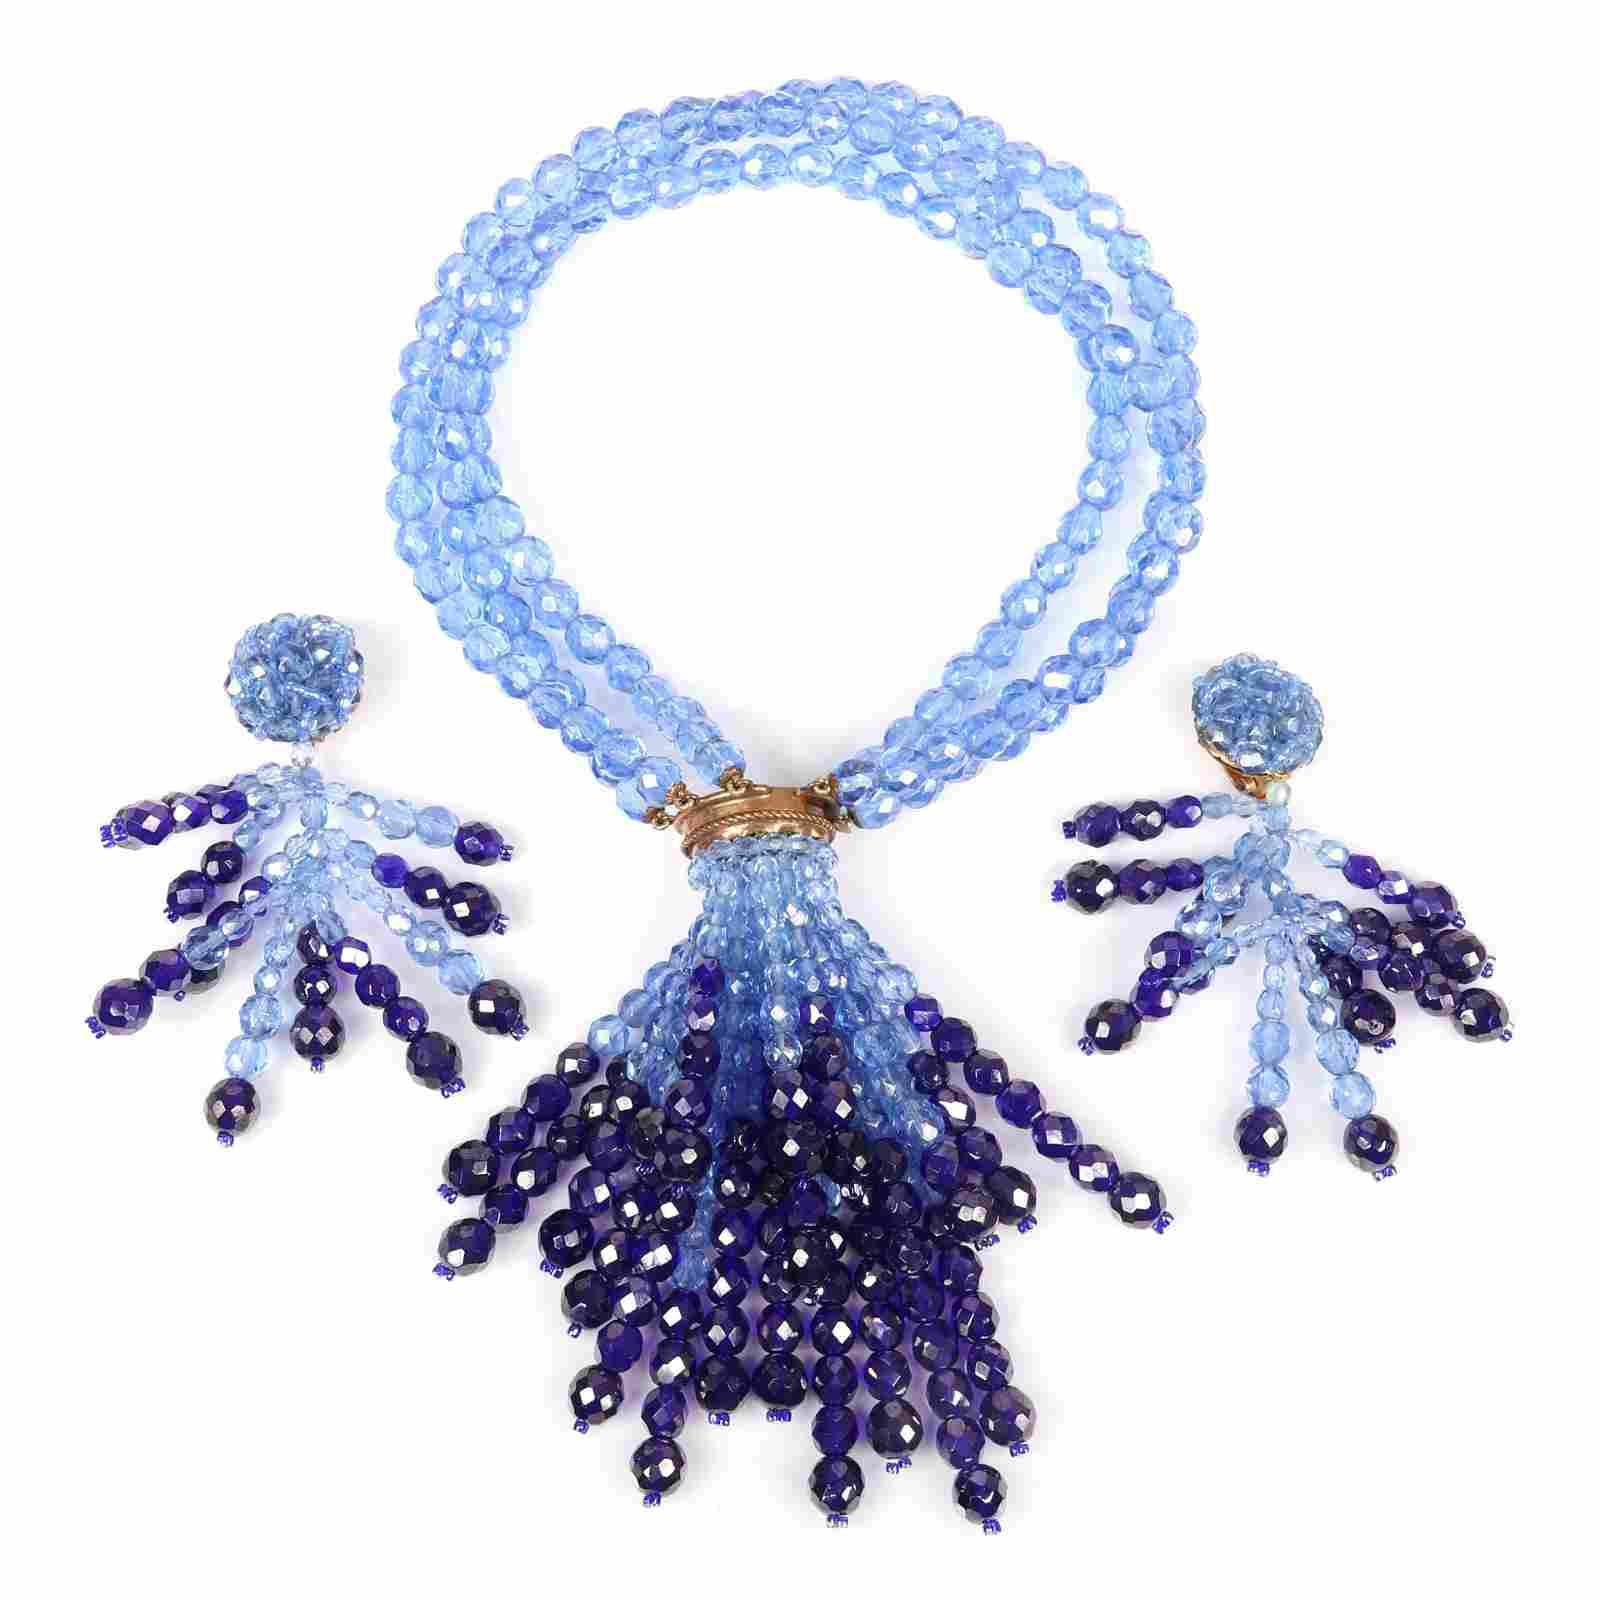 Coppola E Toppo blue ombre multi strand beaded necklace